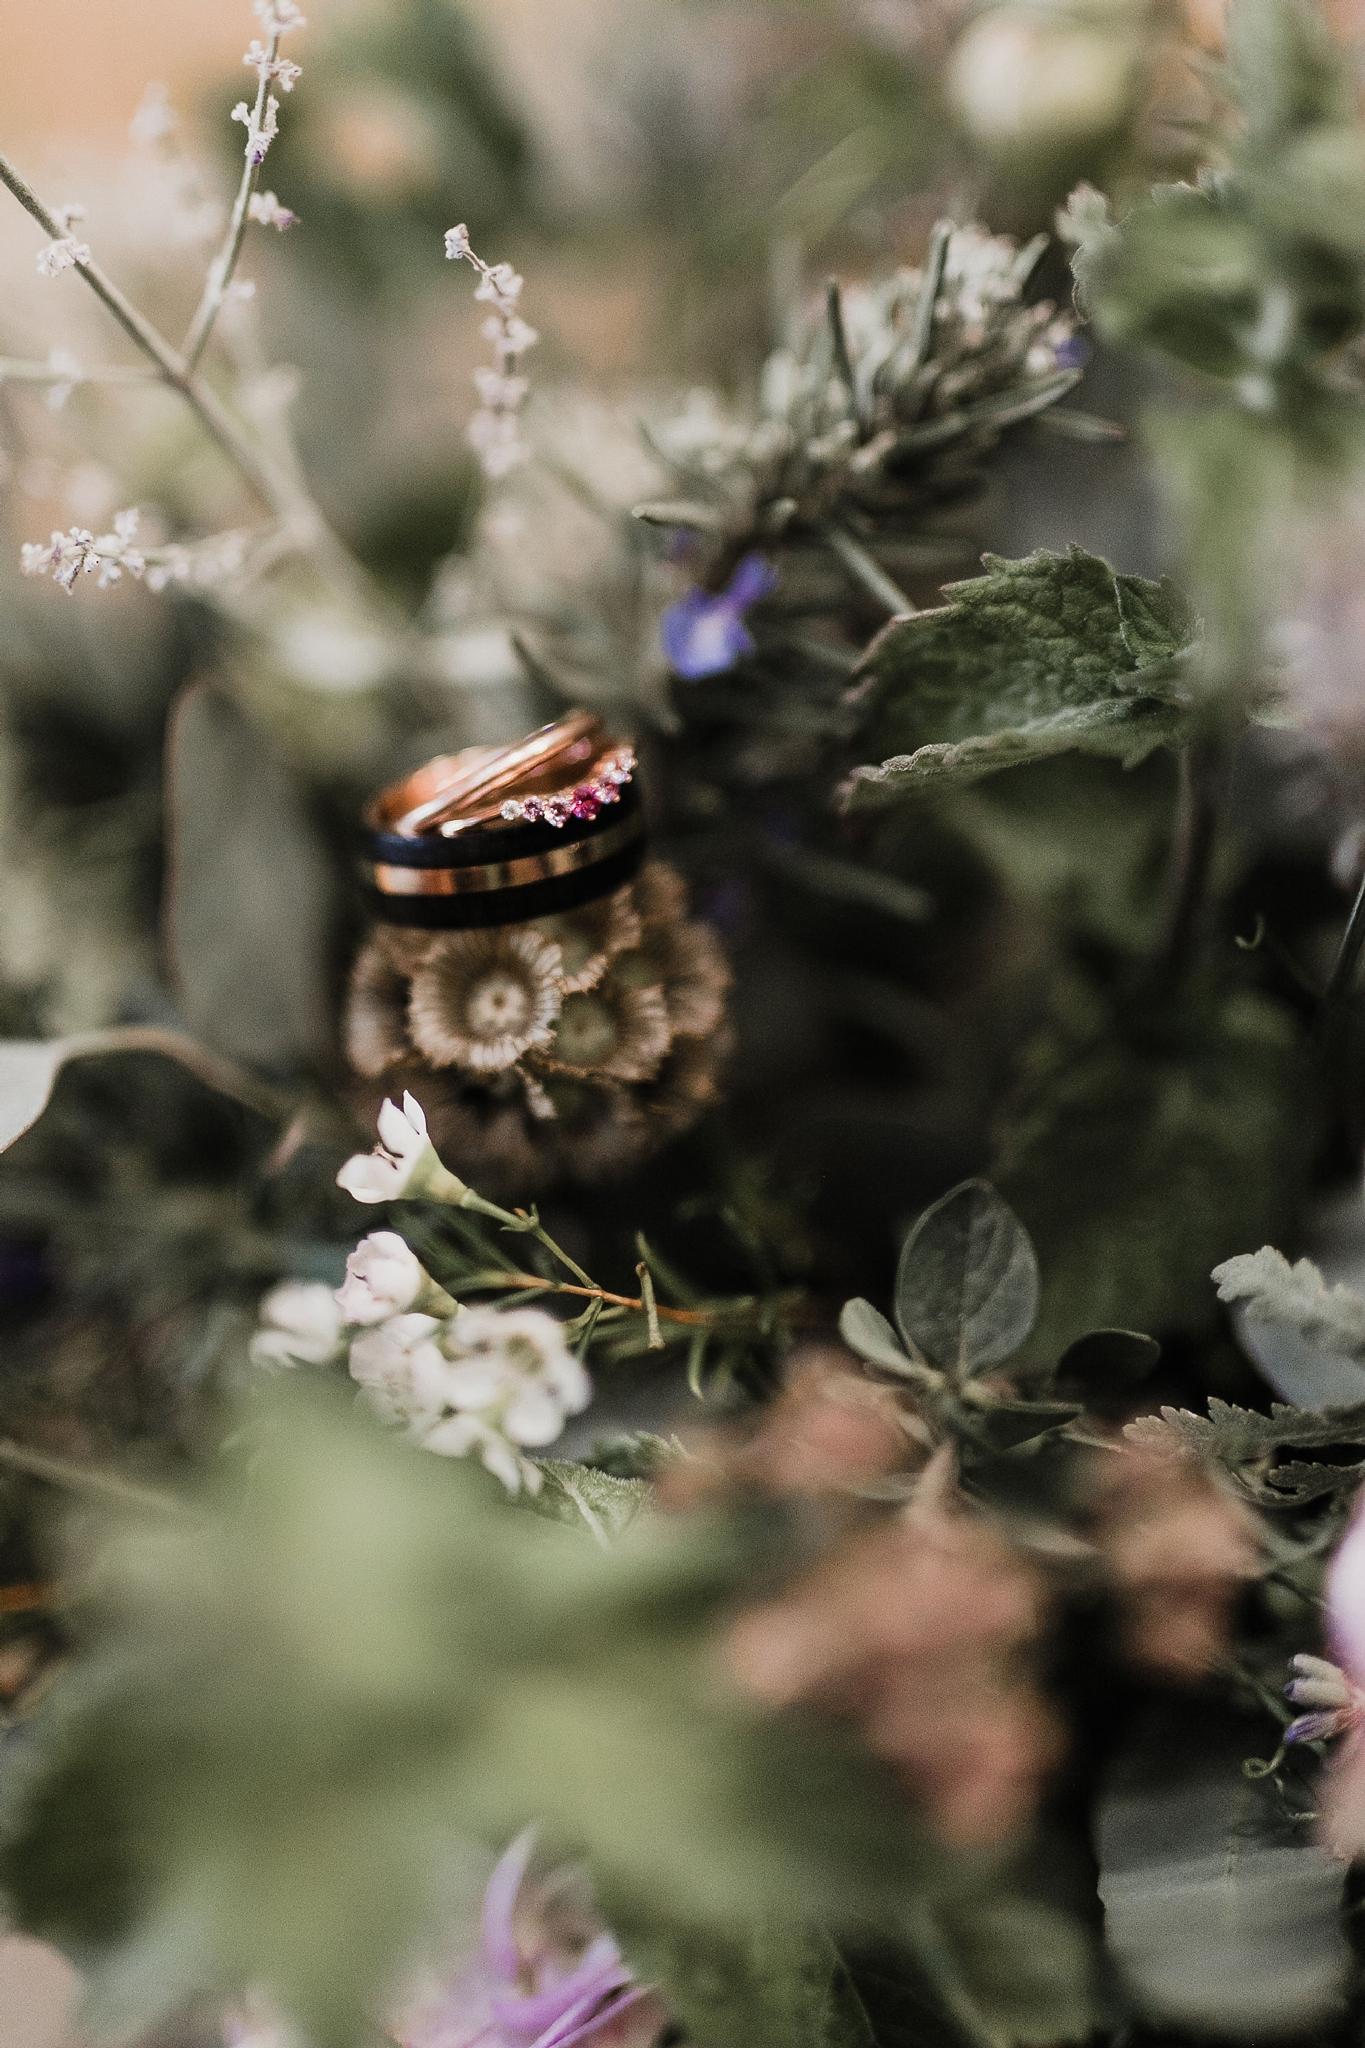 Alicia+lucia+photography+-+albuquerque+wedding+photographer+-+santa+fe+wedding+photography+-+new+mexico+wedding+photographer+-+new+mexico+wedding+-+santa+fe+wedding+-+albuquerque+wedding+-+wedding+rings+-+engagement+rings_0022.jpg